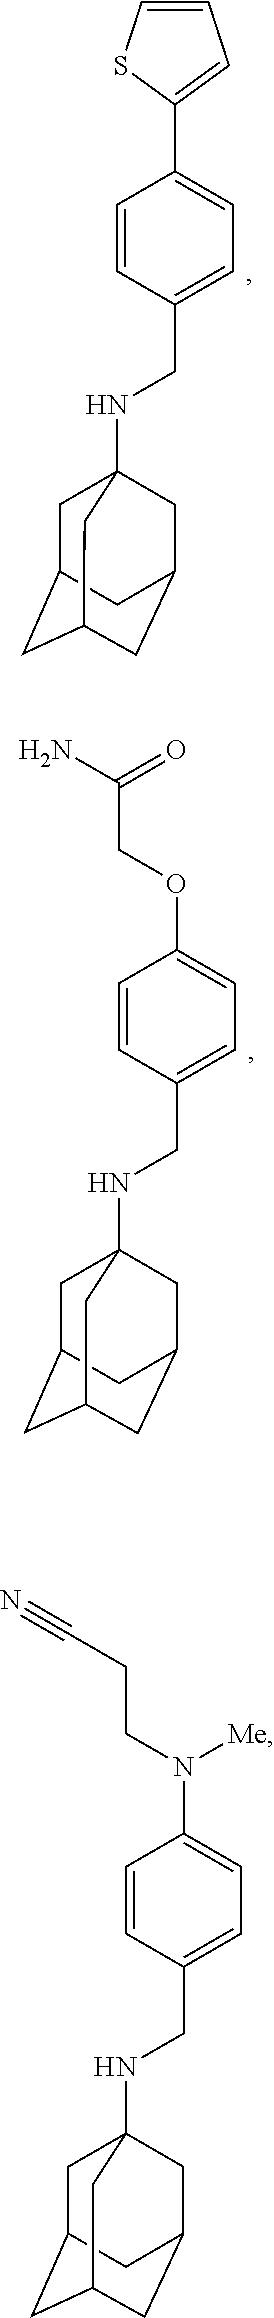 Figure US09884832-20180206-C00113